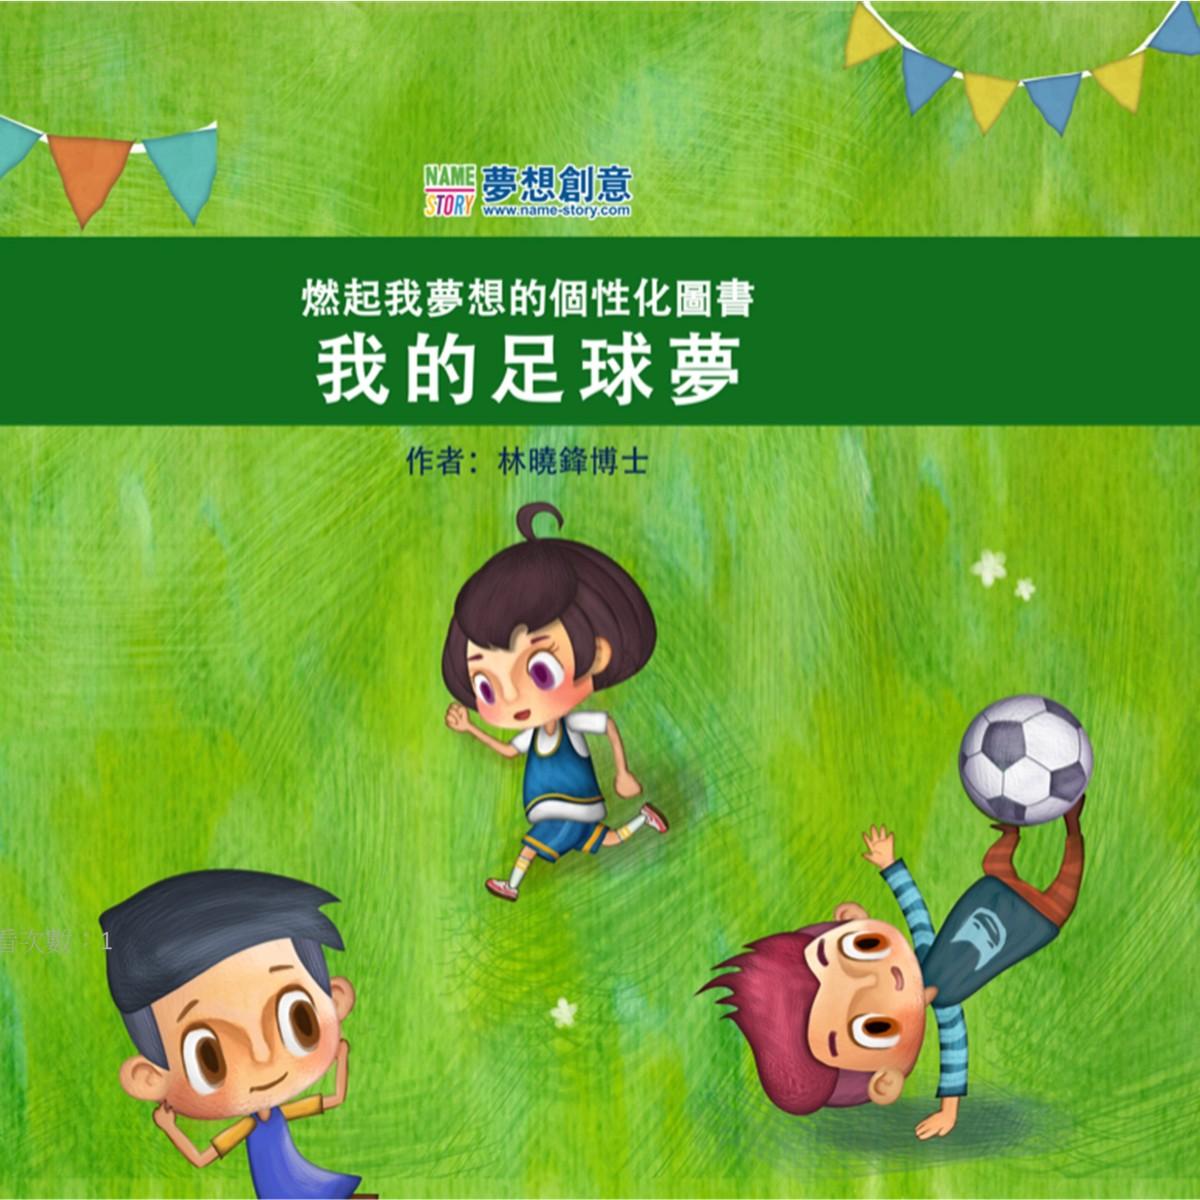 MD01-我的足球夢